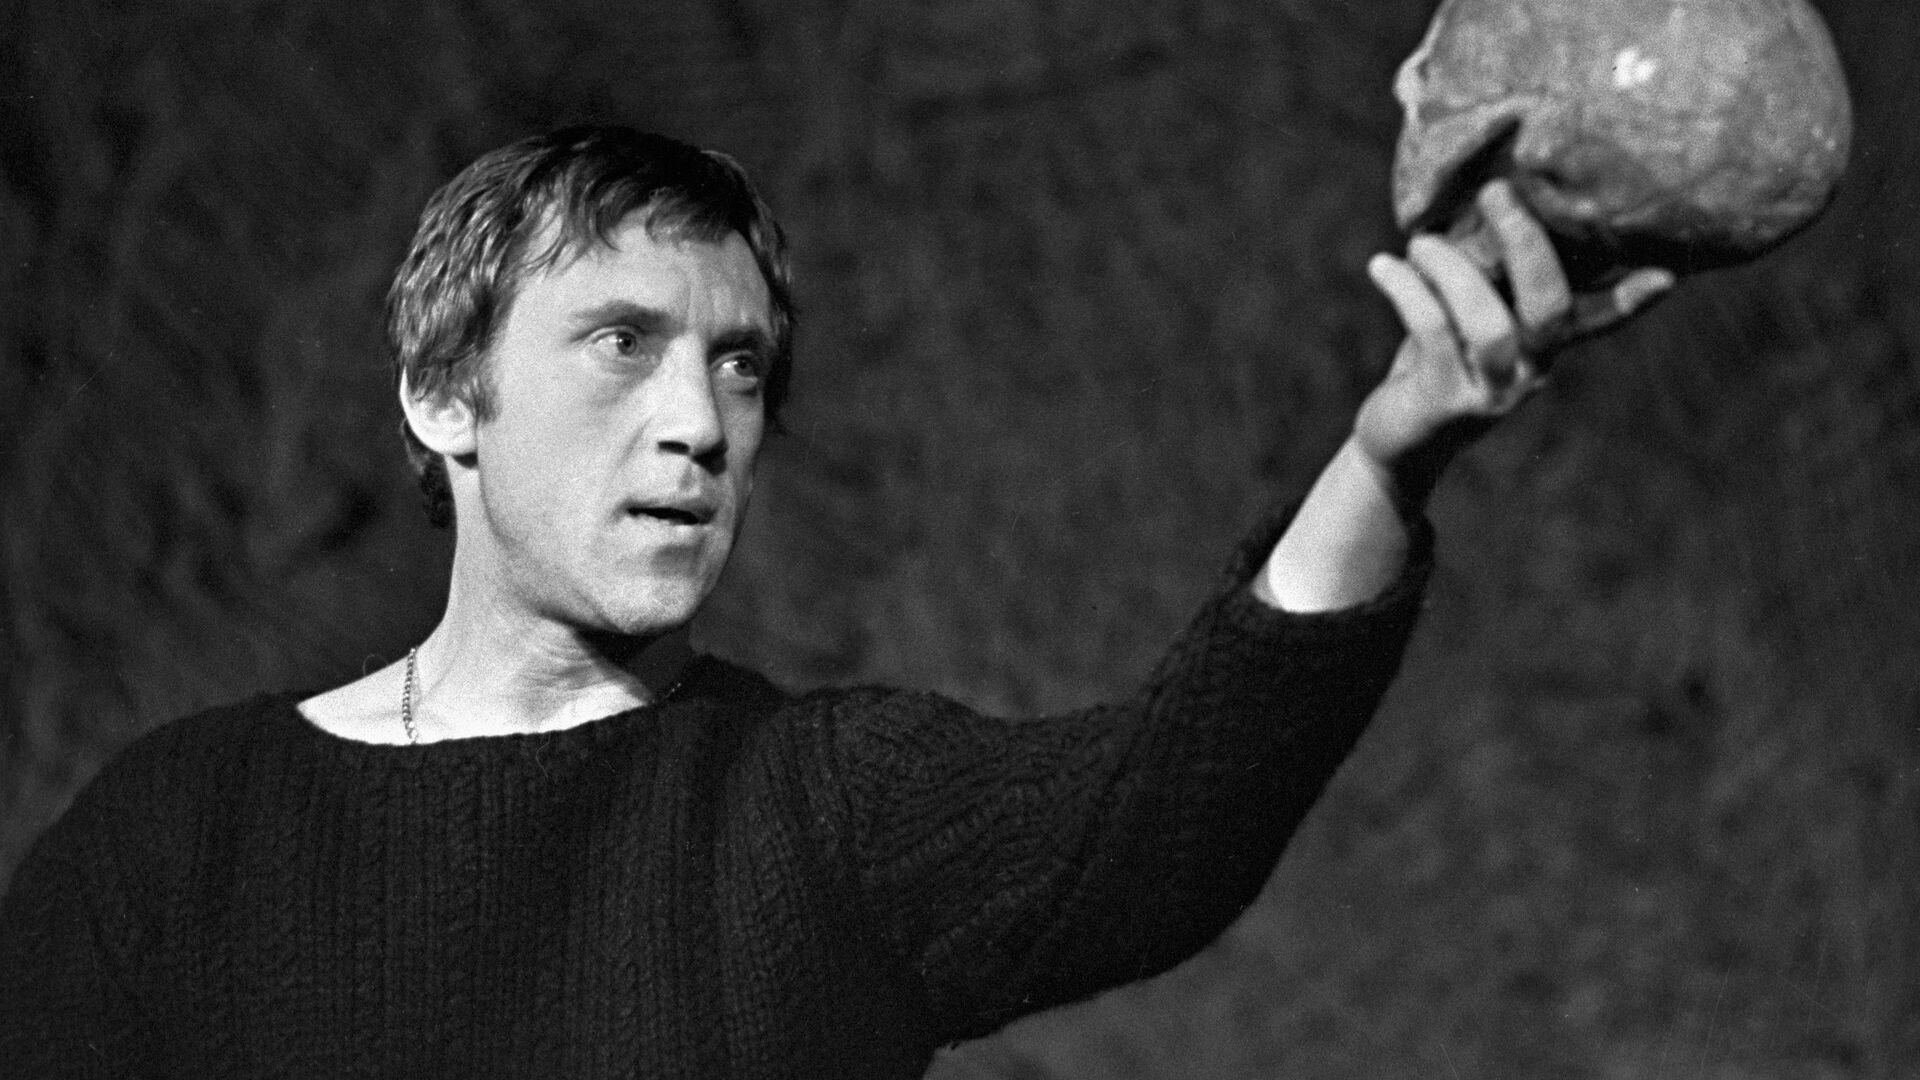 Актер Владимир Высоцкий в роли Гамлета - РИА Новости, 1920, 25.07.2020